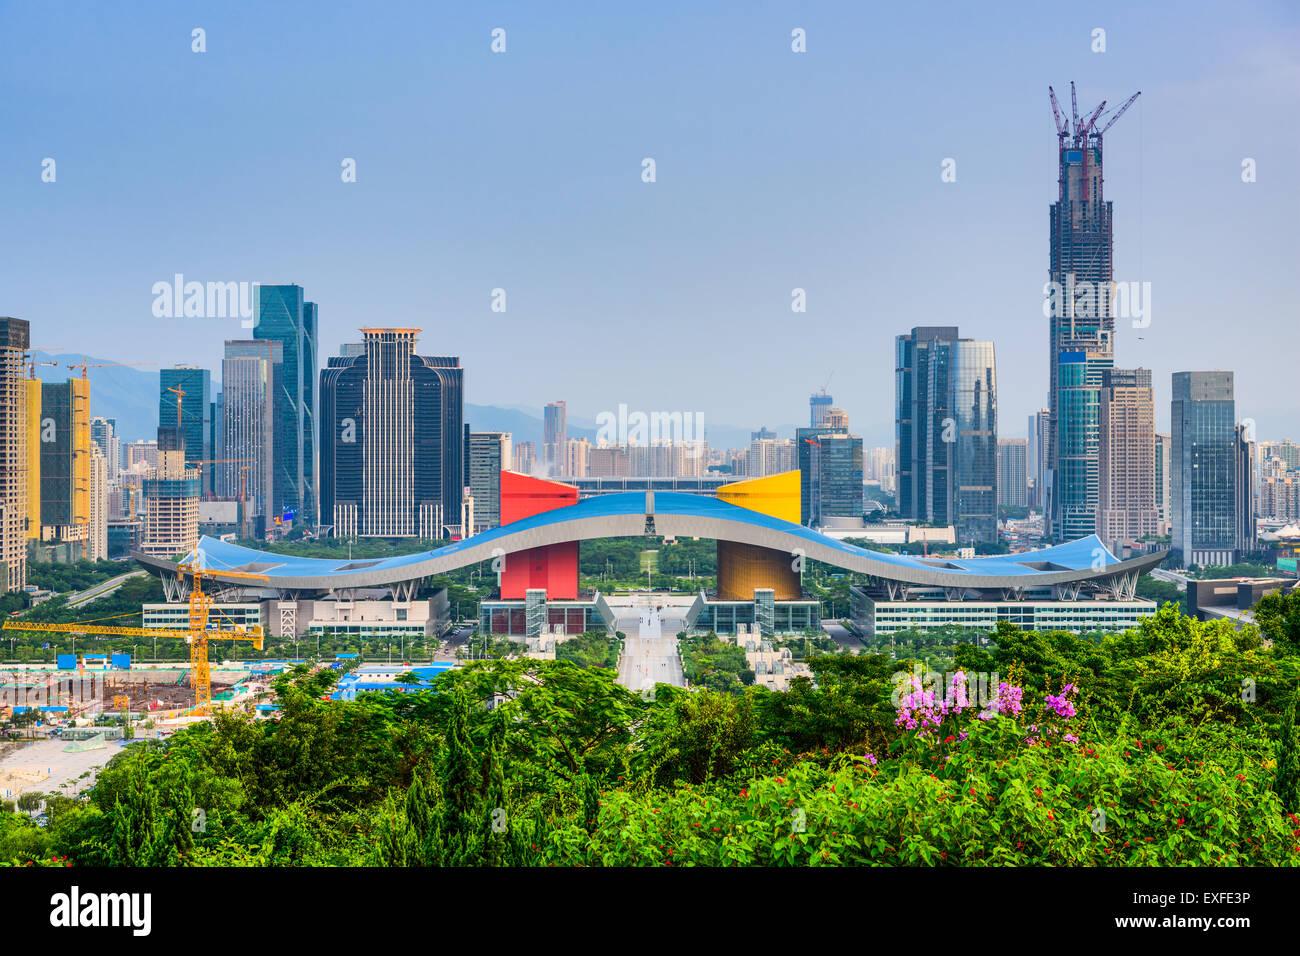 Horizonte de la ciudad de Shenzhen, China, en el centro cívico del distrito. Imagen De Stock